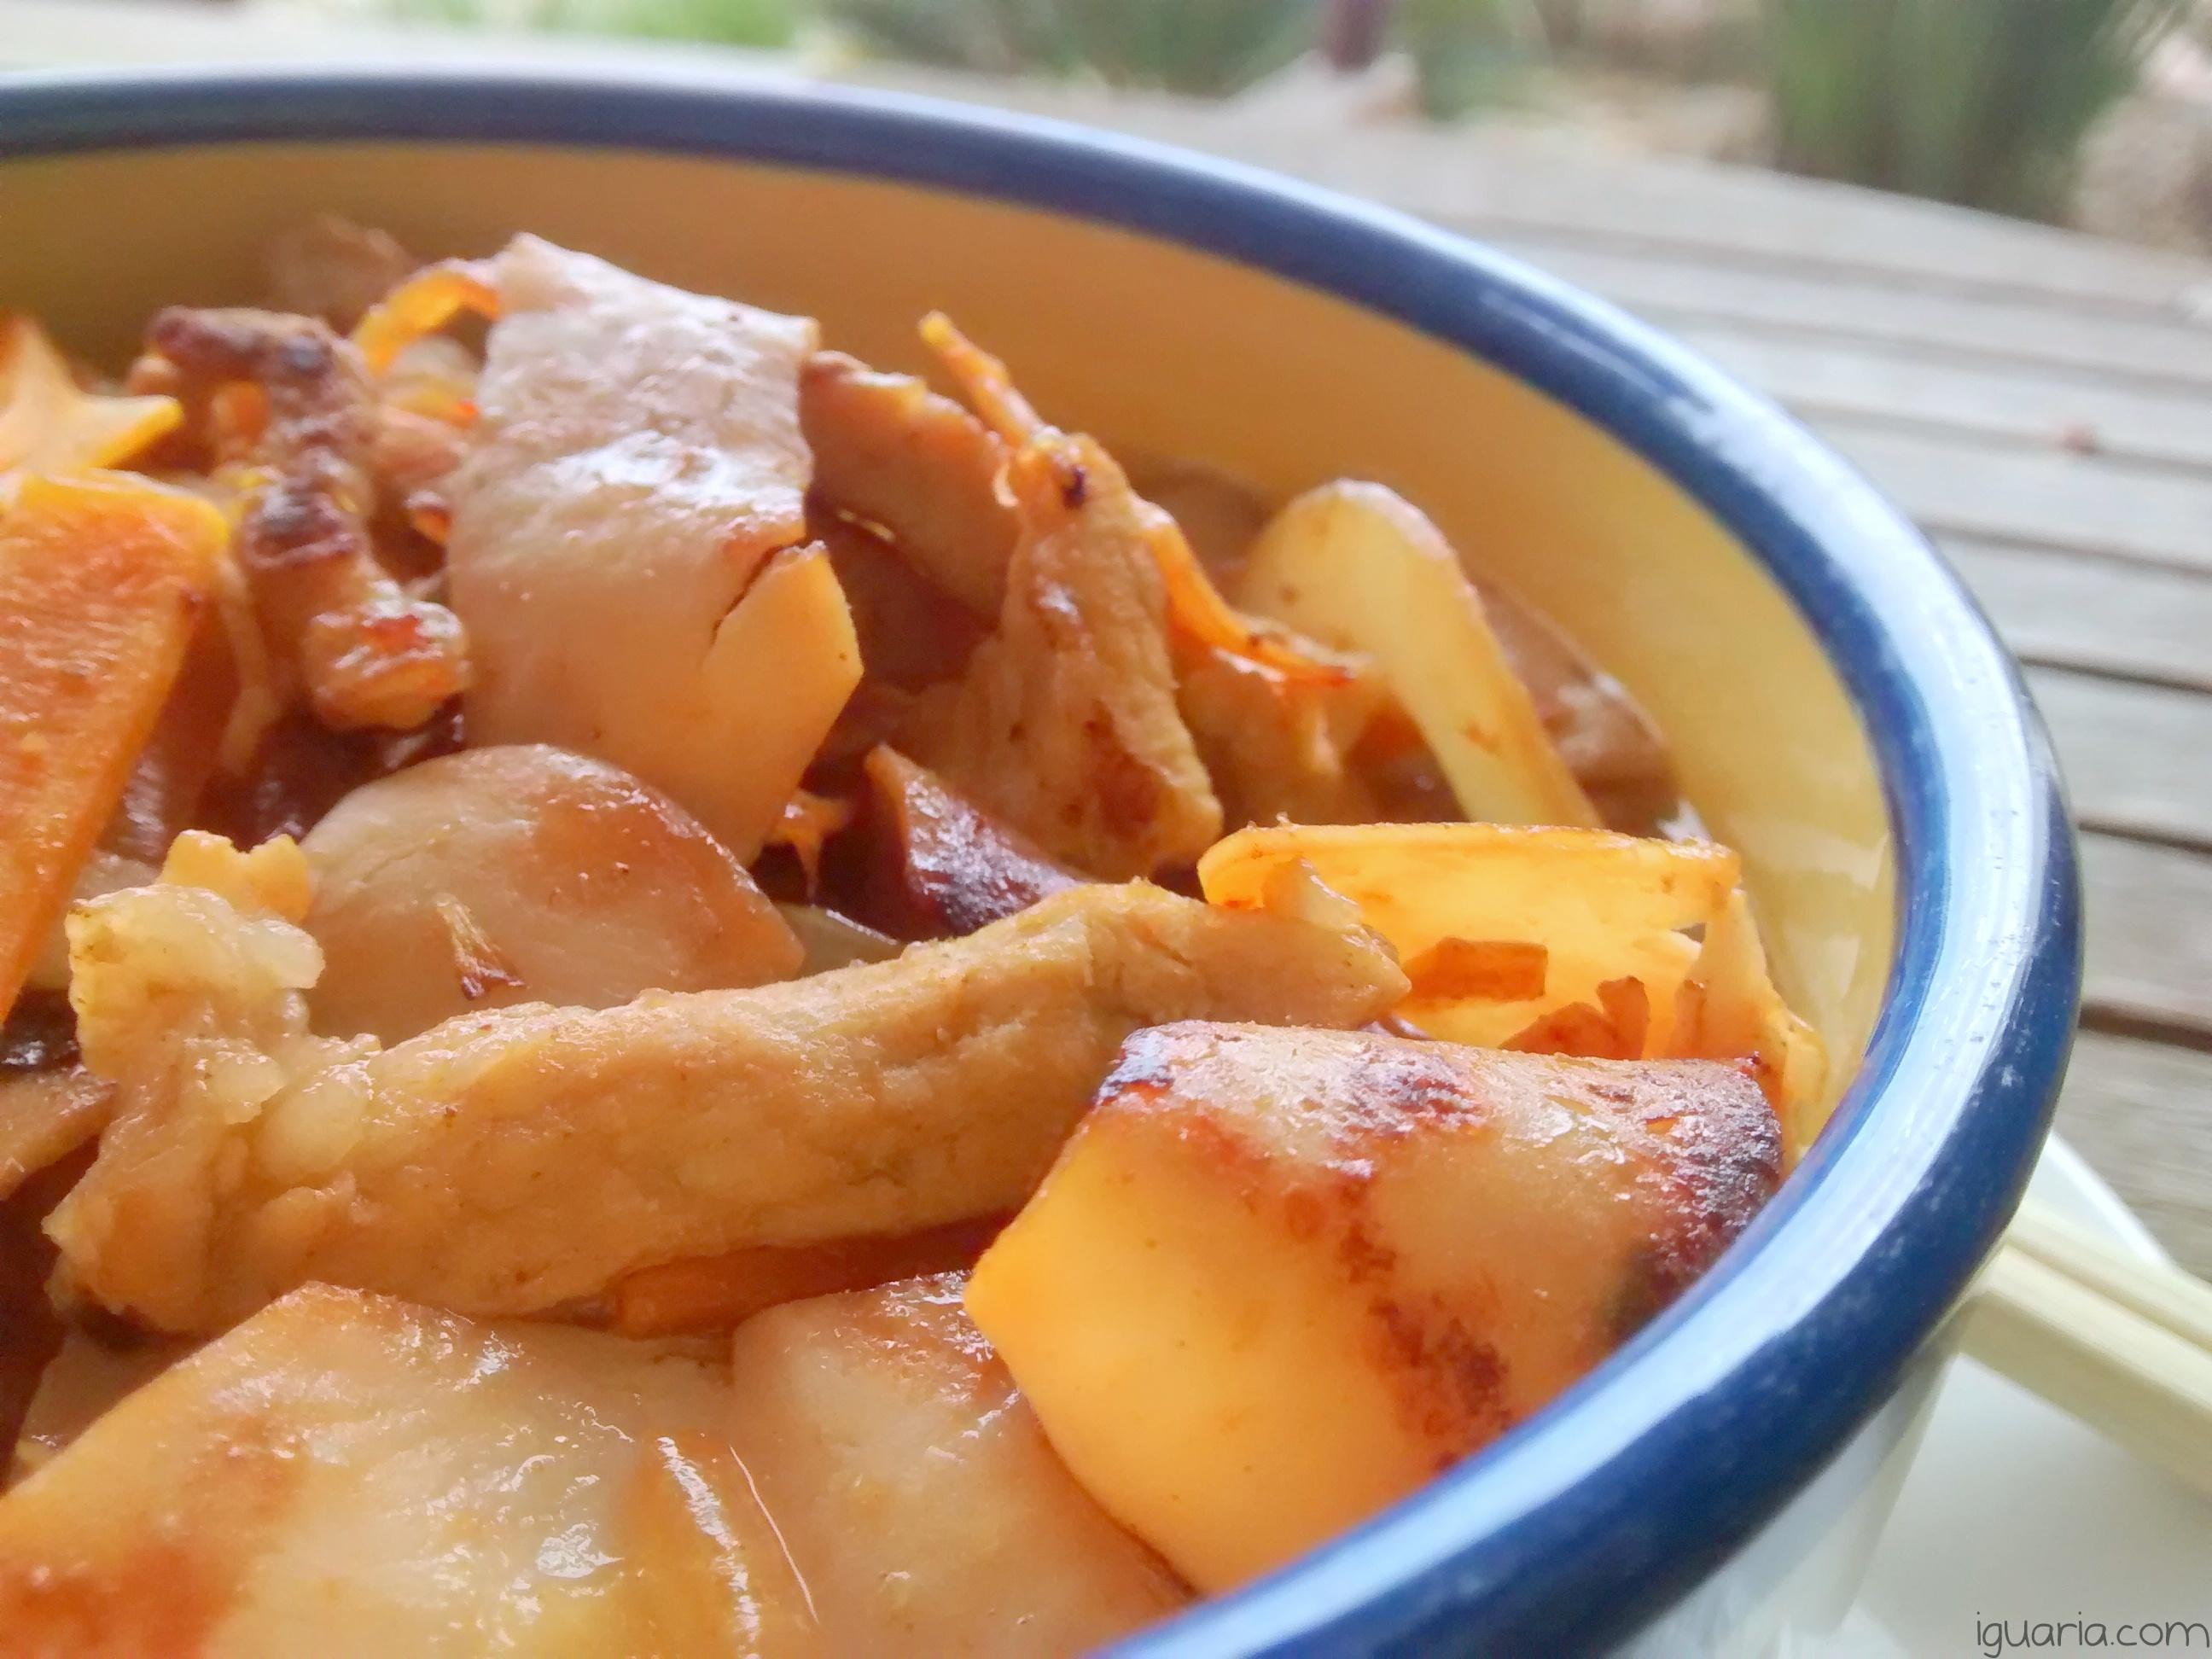 iguaria-ramen-com-porco